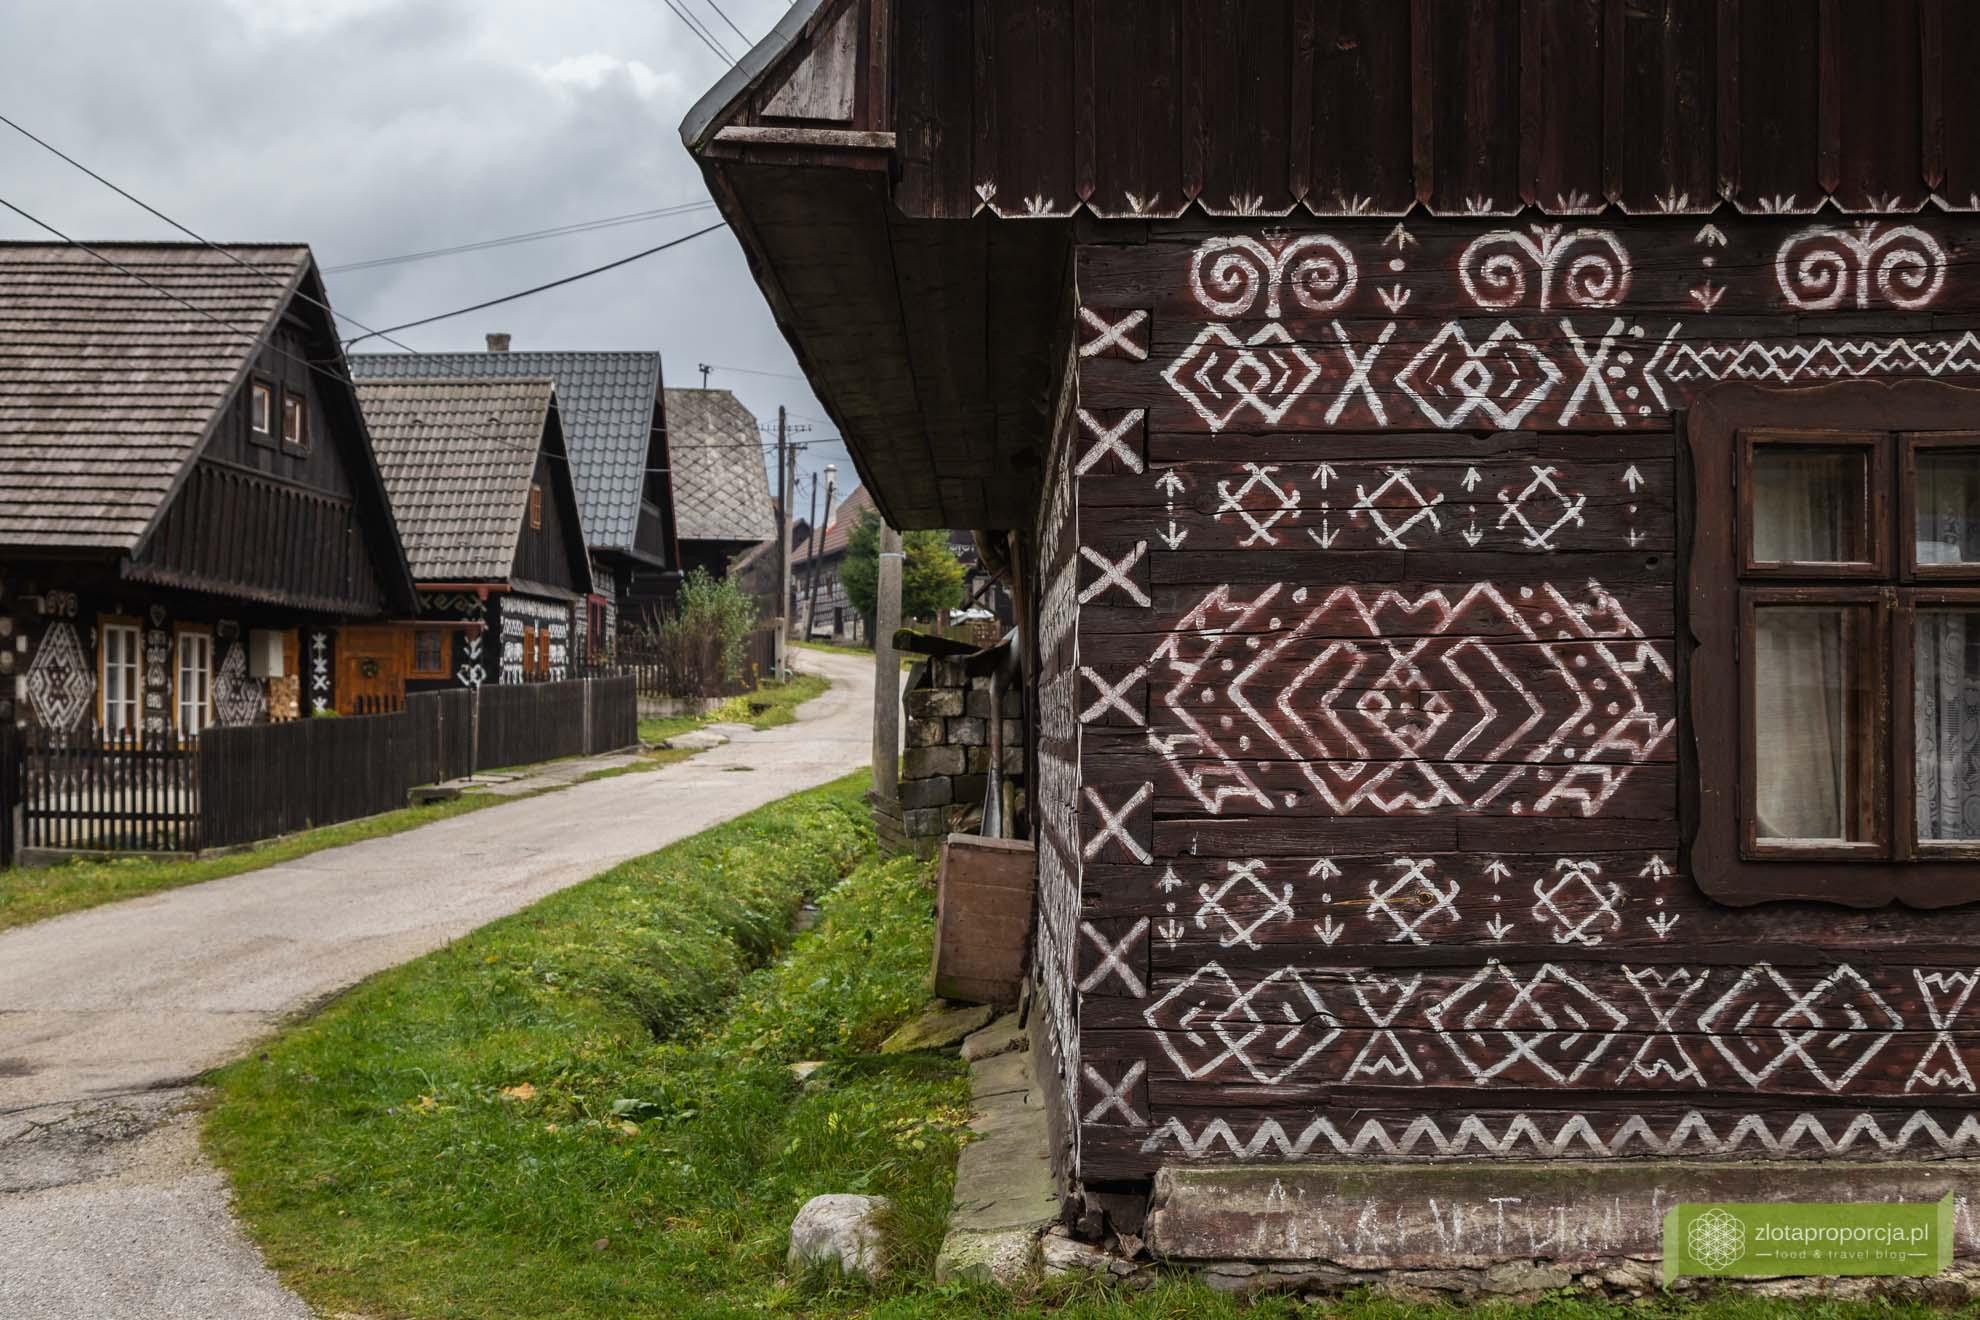 Cicmany; Cziczmany; Dolina Rajecka; Słowacka; atrakcje Słowacji; Čičmany; okolice Żyliny; Góry Strażowskie' Mała Fatra; tradycyjne słowackie chaty; Słowacja tradycje; Čičmany skansen; skansen Słowacja;